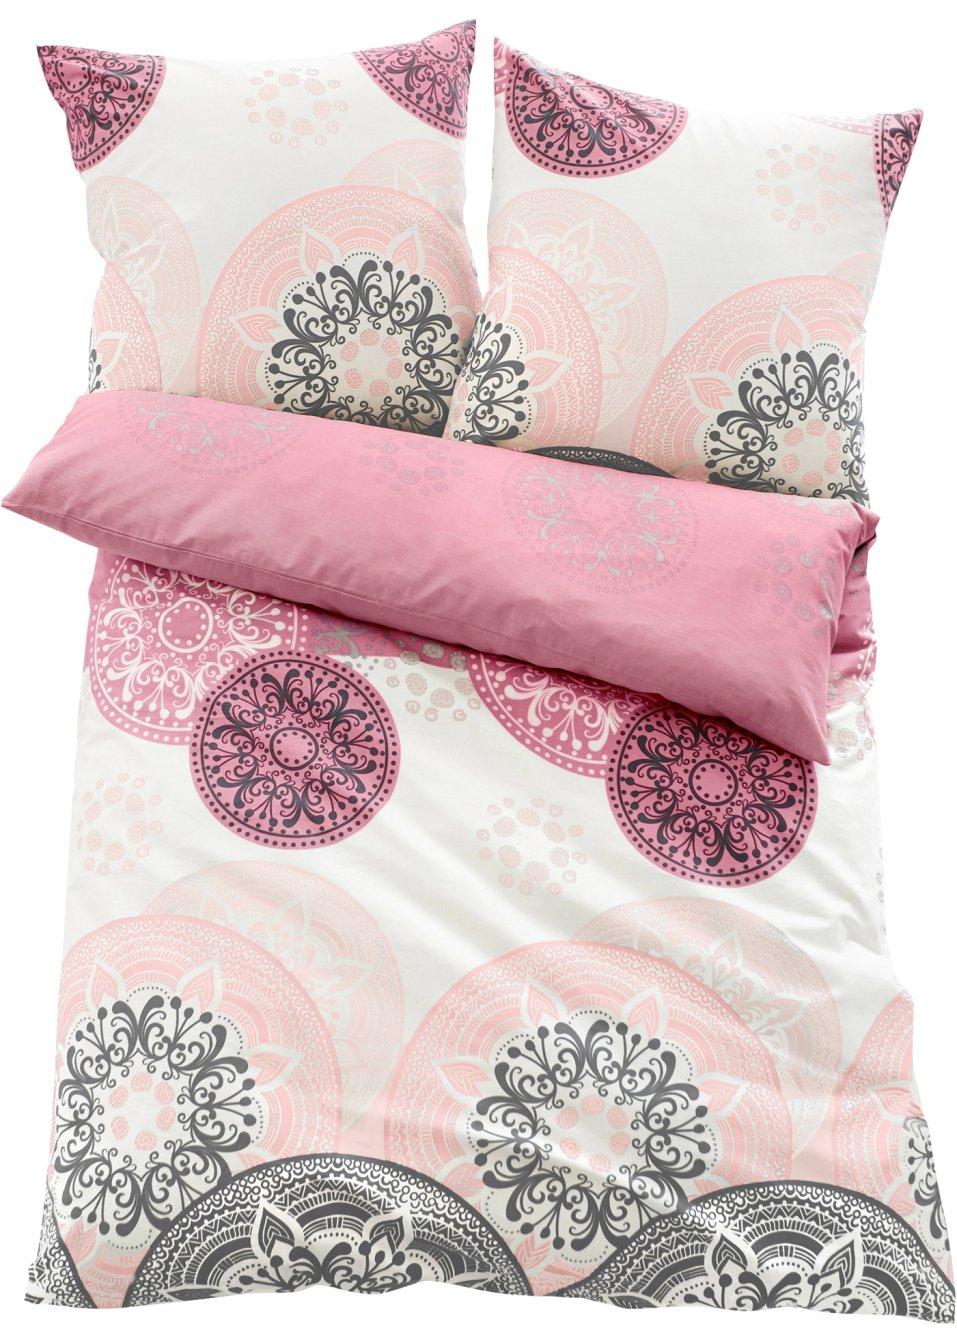 harmonische farben sch nes motiv die bettw sche mia rosa microfaser. Black Bedroom Furniture Sets. Home Design Ideas